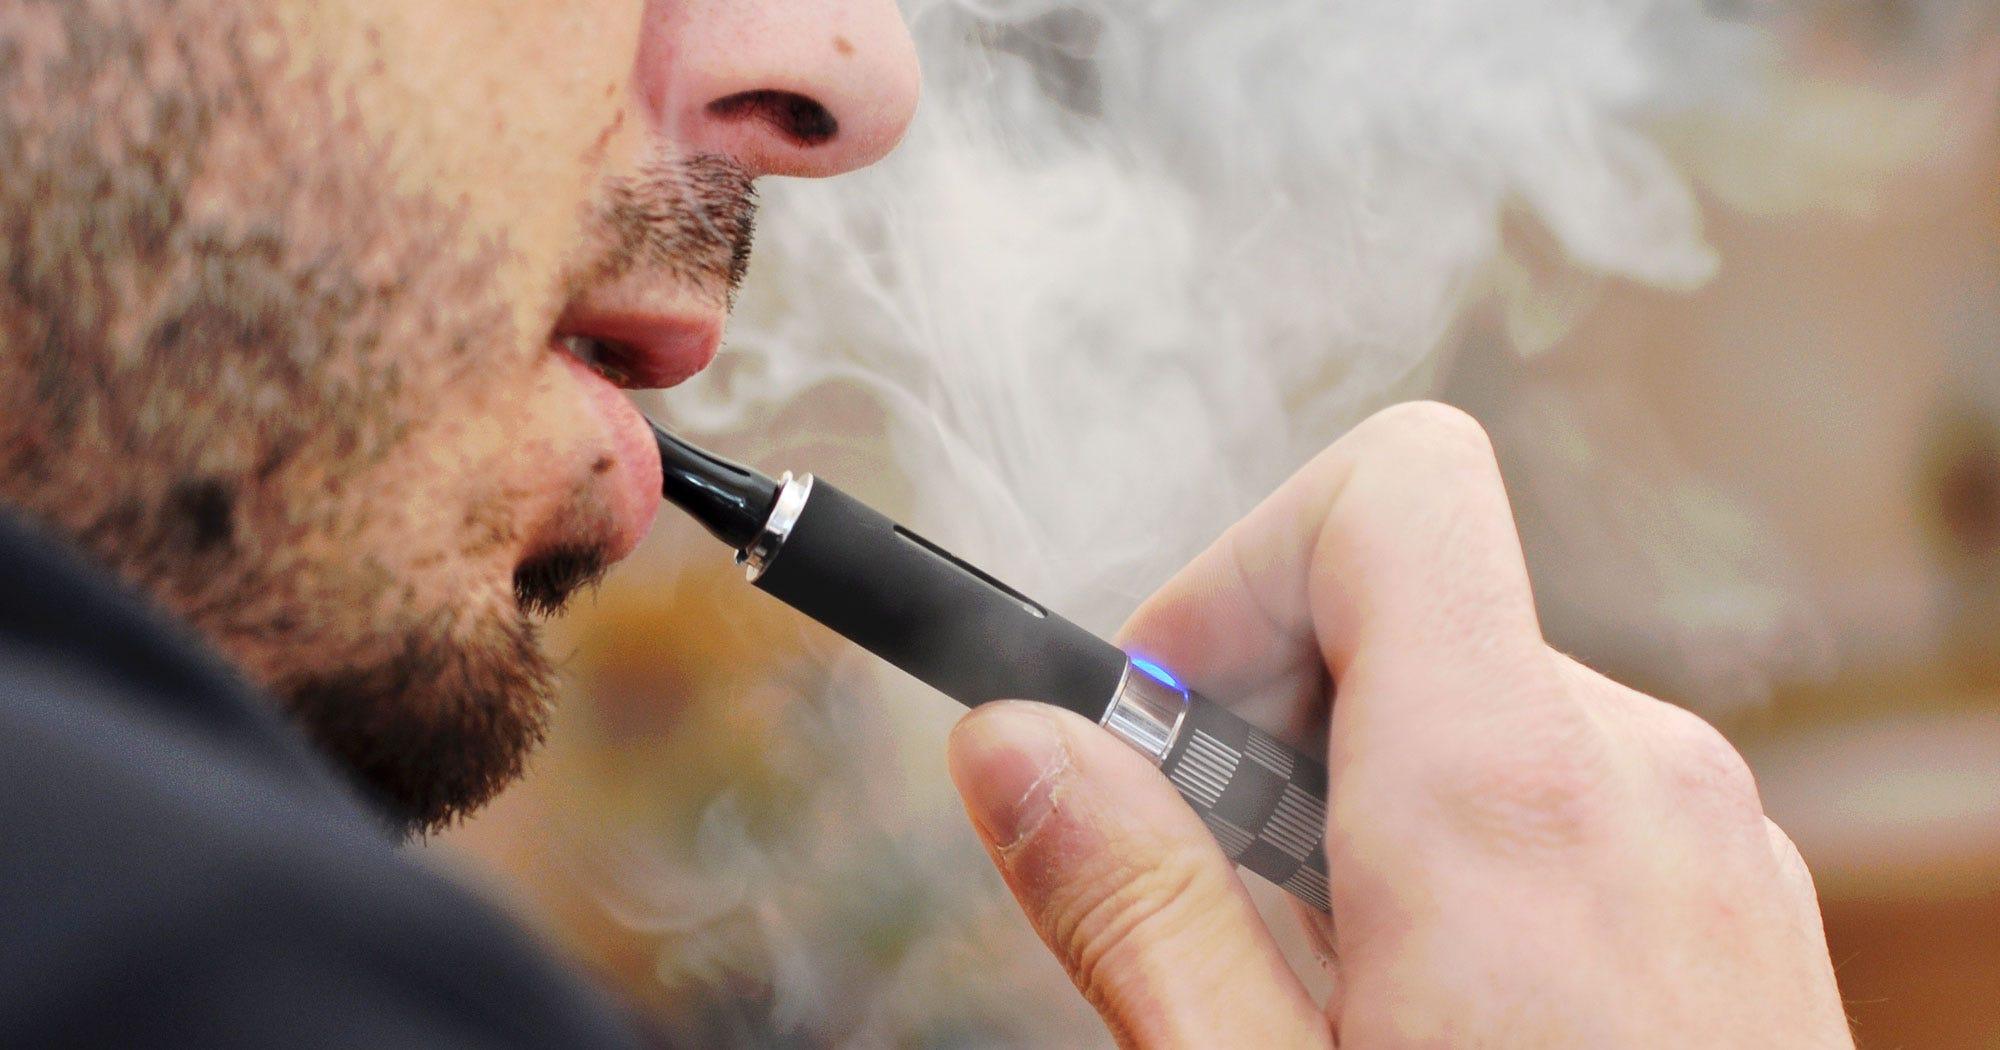 Электронные сигареты могут изменять иммунный ответ на вирусы